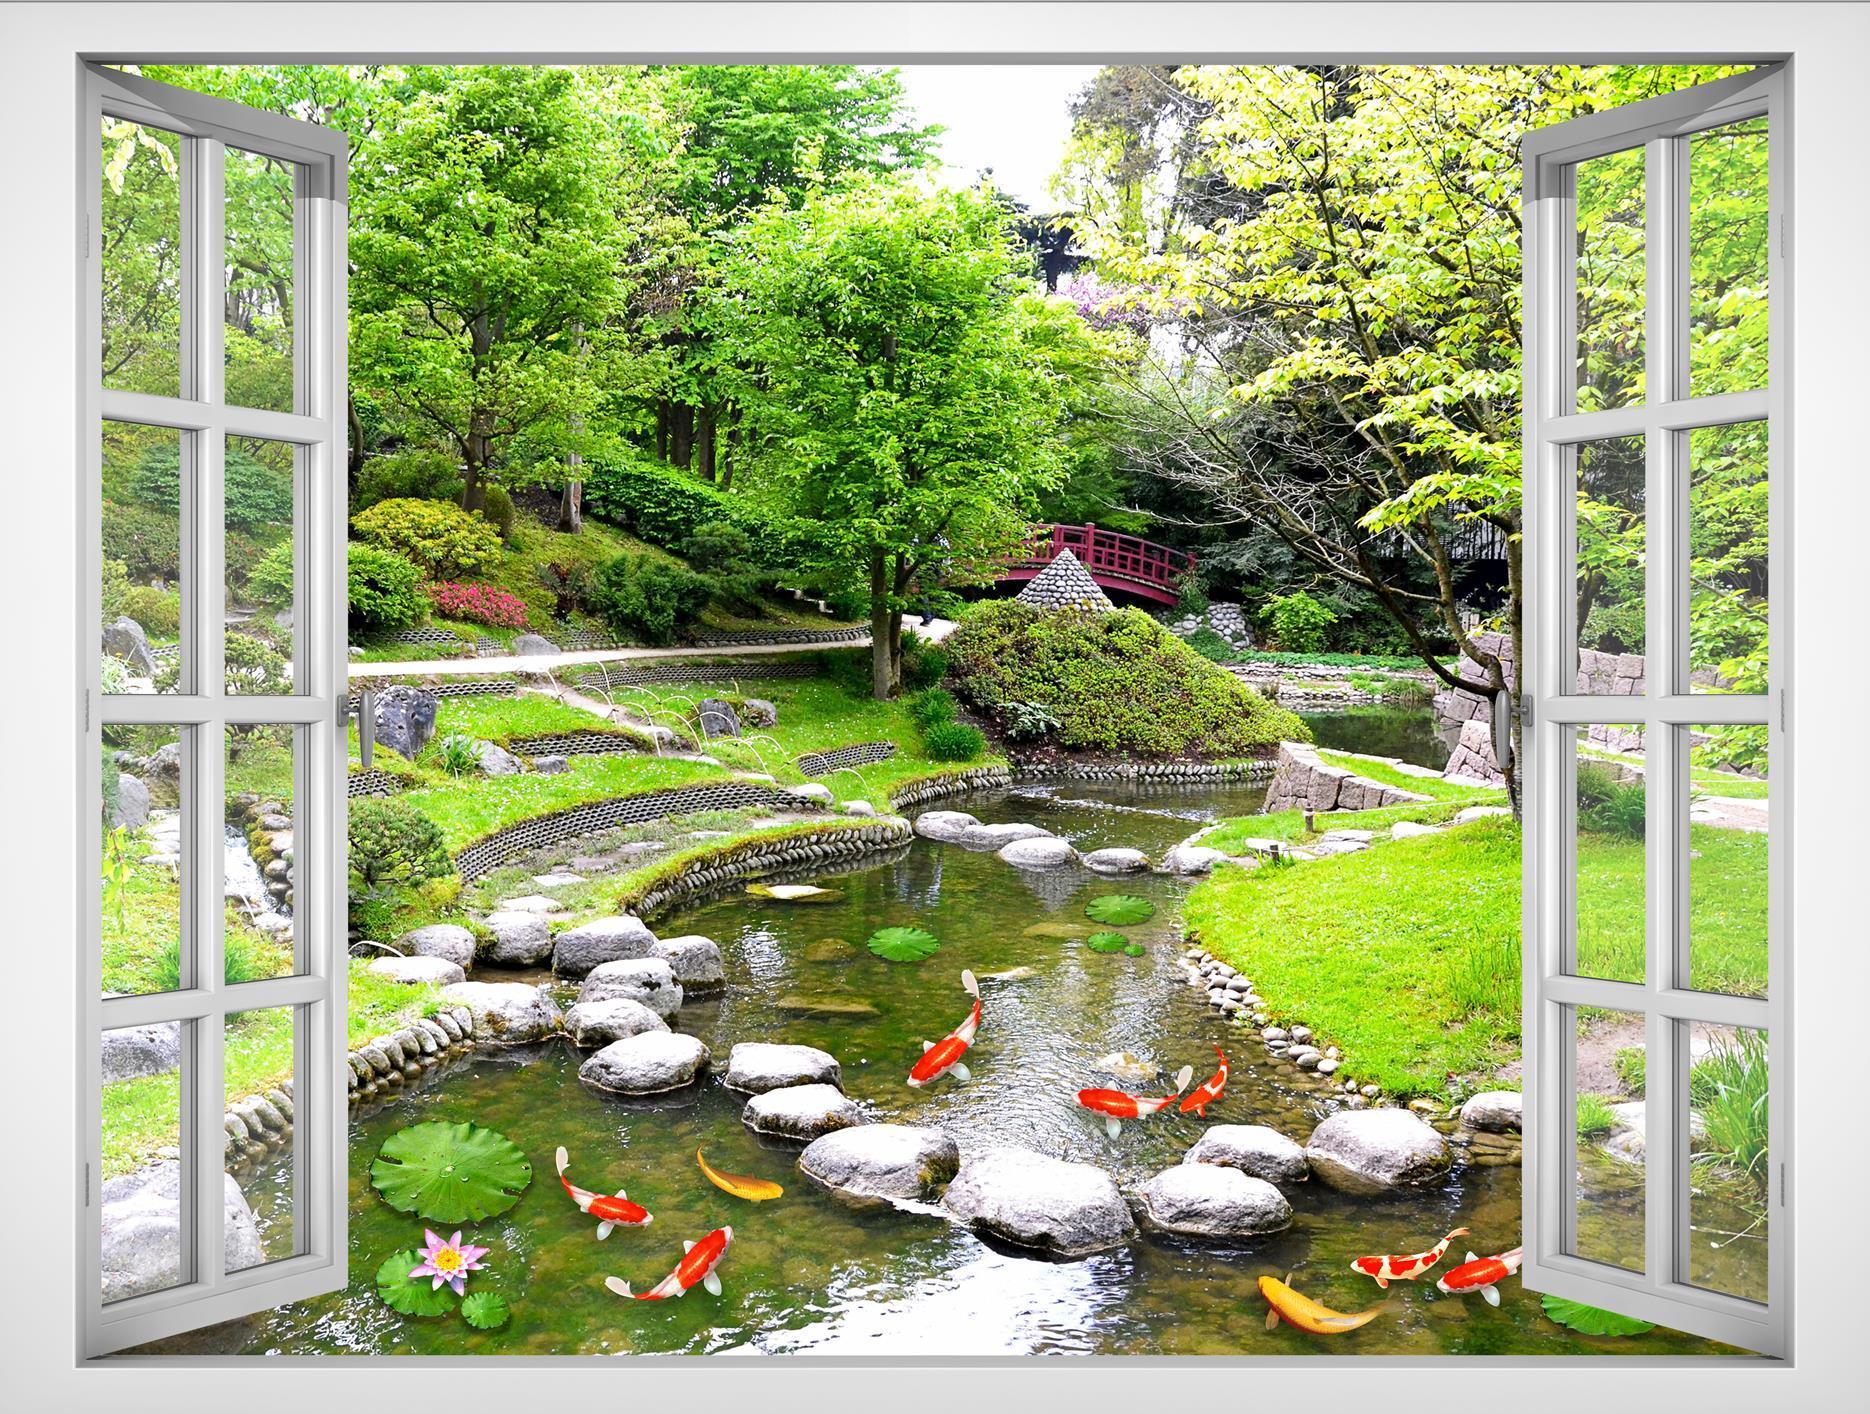 Tranh dán tường cửa sổ 3D VTC Cảnh đẹp thiên nhiên VT0377